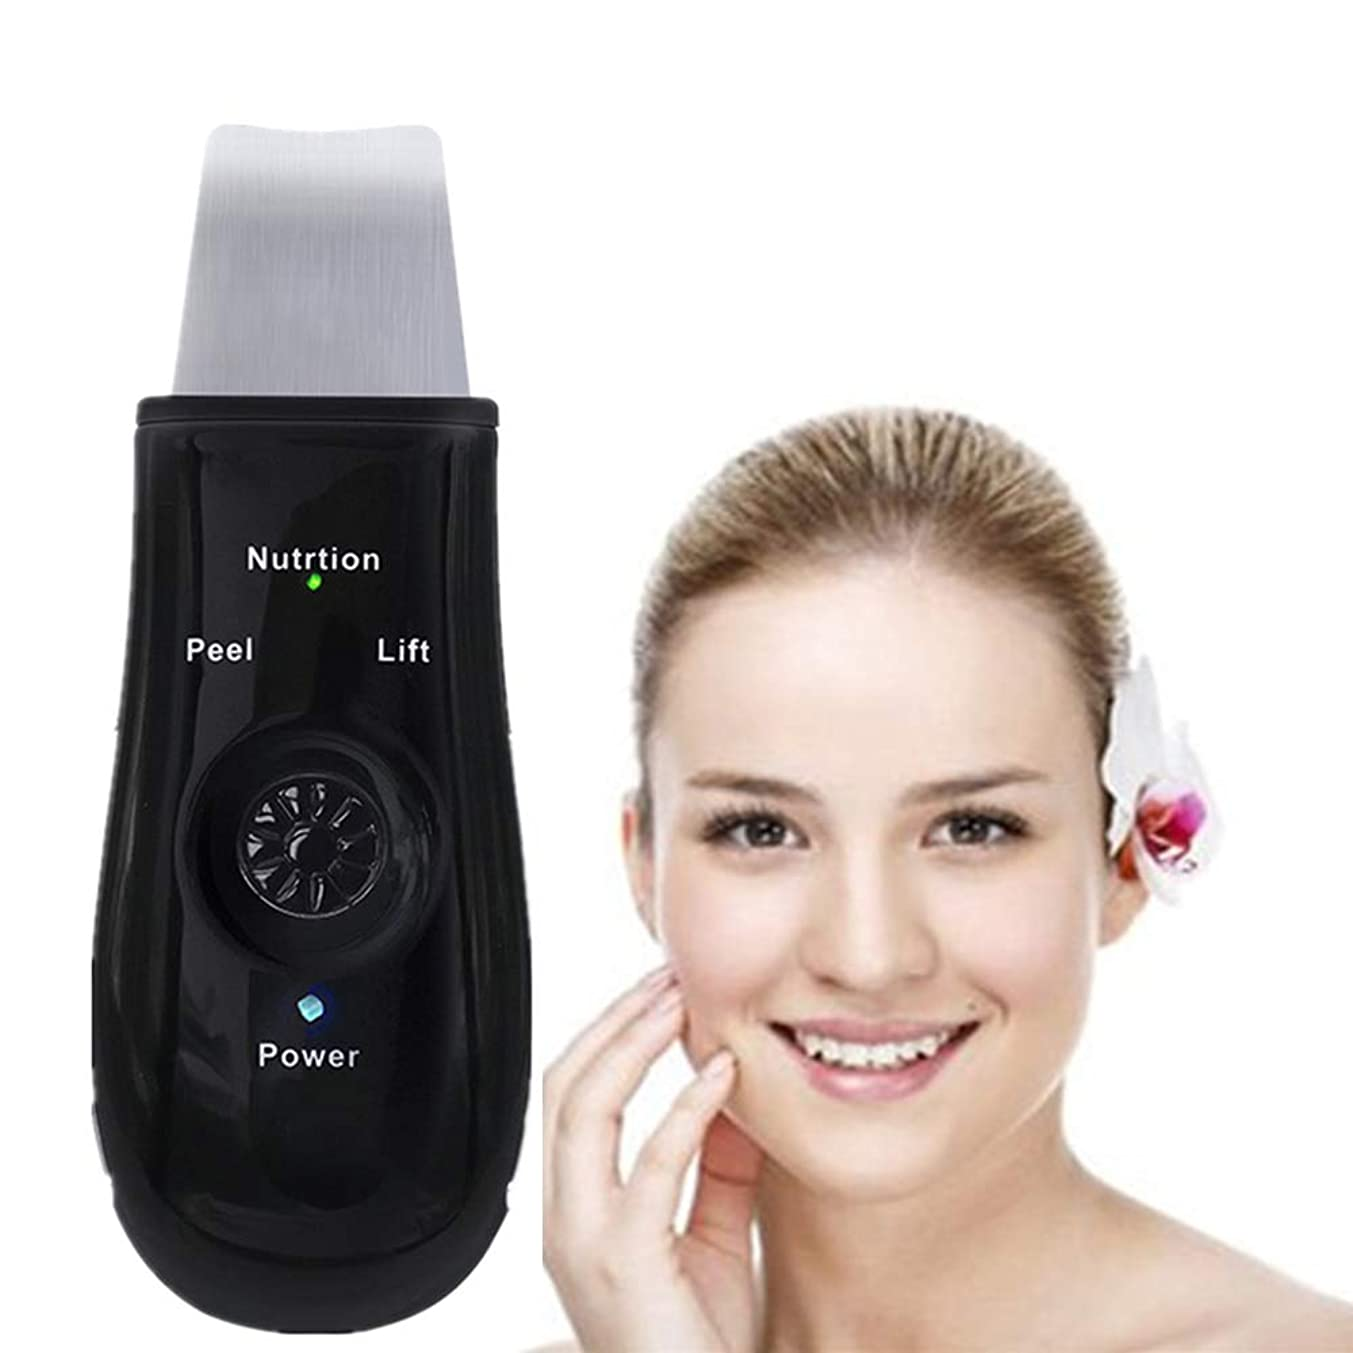 栄養費やす論文充電式 - 黒の除去機のUSBピーリングリフティングEMSクレンジングエクスフォリエイティングスキンケアピーリングと顔の皮膚のスクラバーピール毛穴ツール装置ブラックヘッドリムーバー毛穴の掃除機